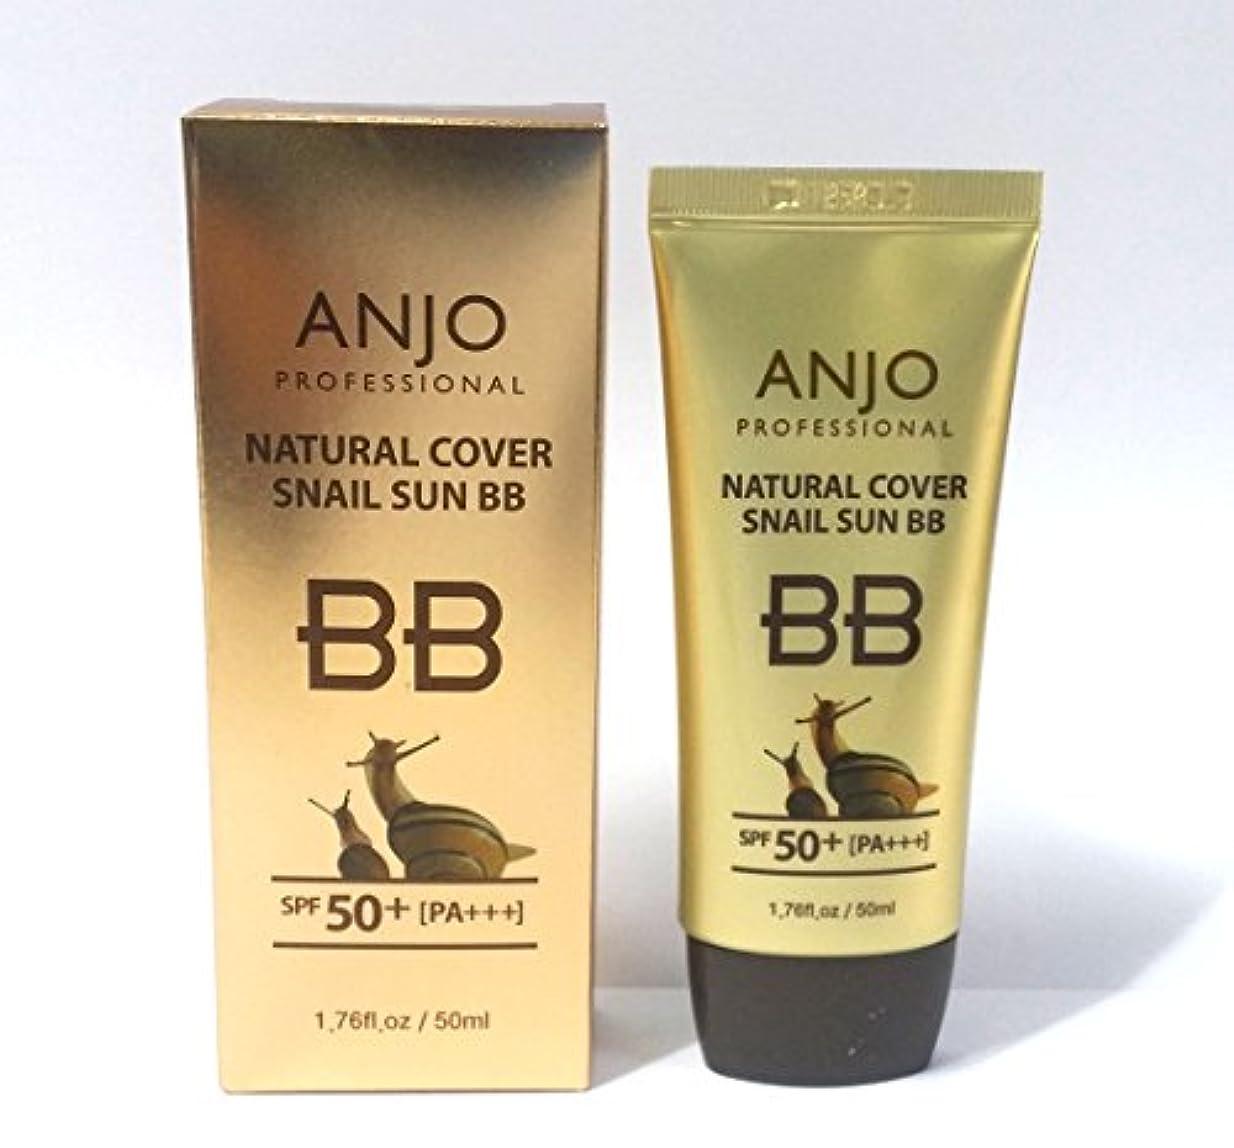 水セラー食い違い[ANJO] ナチュラルカバーカタツムリサンBBクリームSPF 50 + PA +++ 50ml X 6EA /メイクアップベース/カタツムリ粘液 / Natural Cover Snail Sun BB Cream SPF...